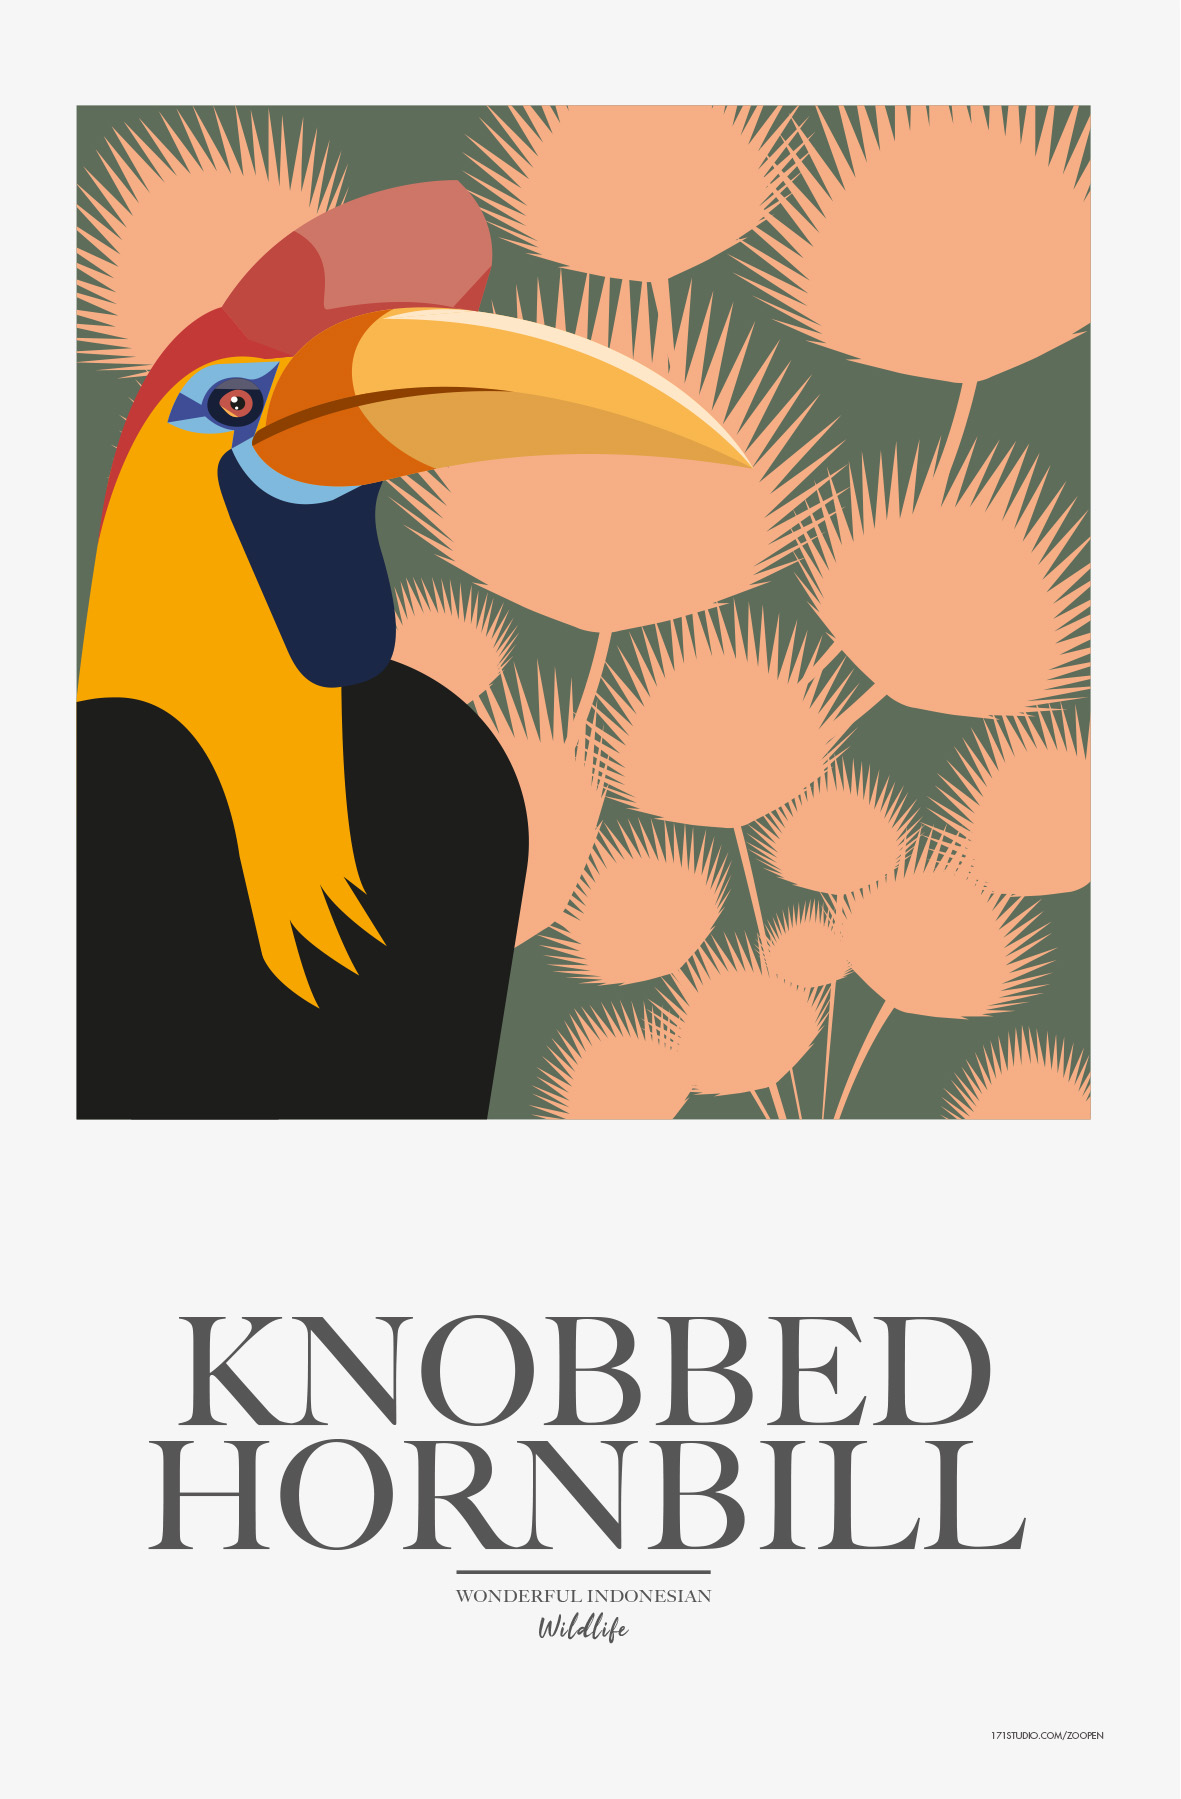 knobedhornbill171studiomathieusechet